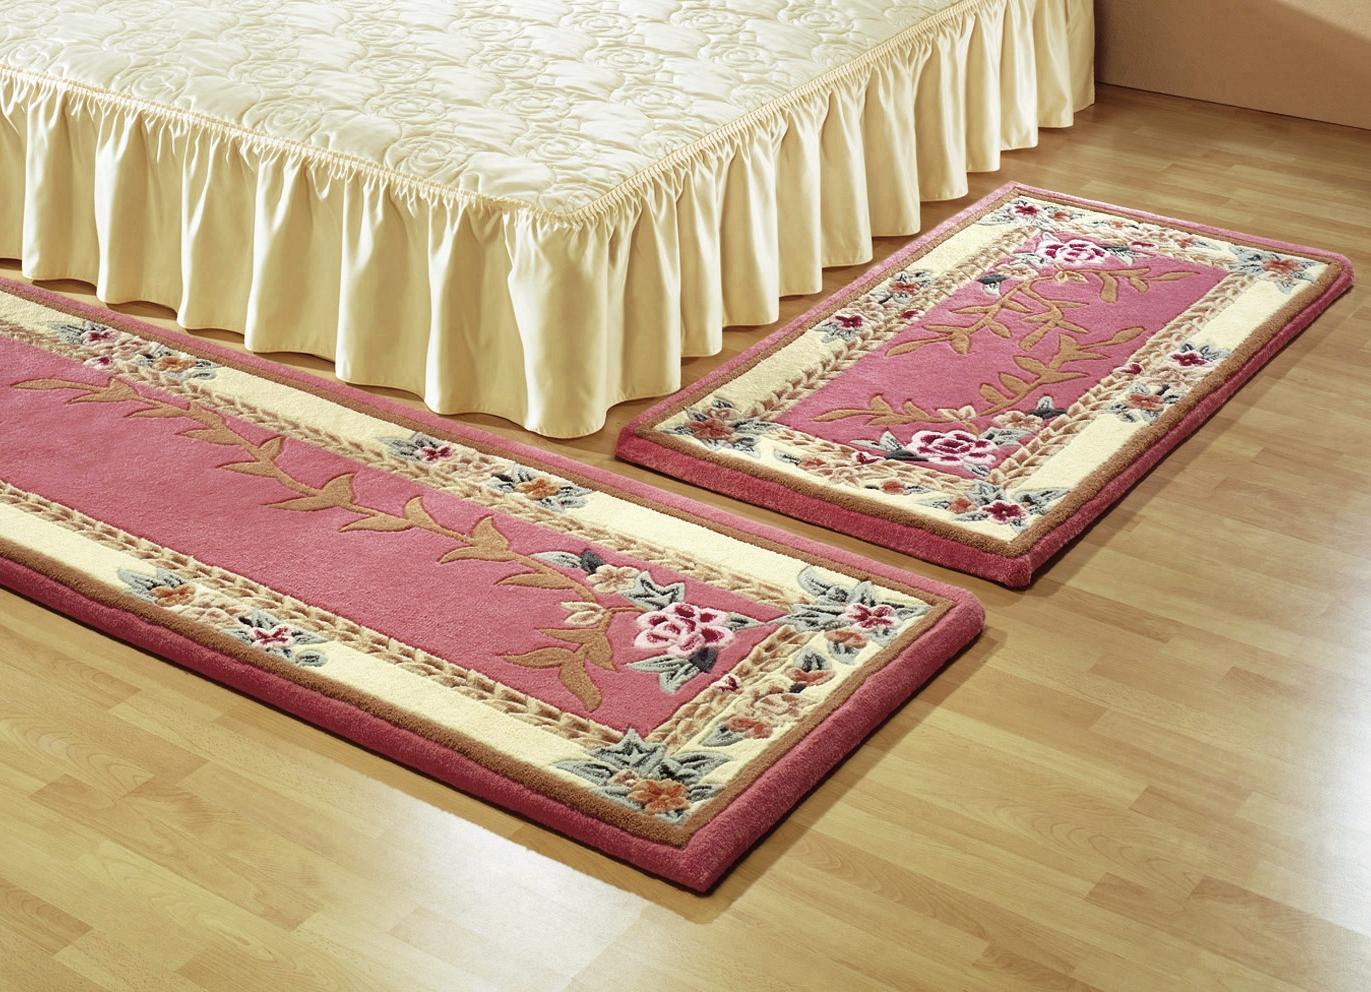 br cken teppiche und bettumrandung mit aubousson muster teppiche brigitte hachenburg. Black Bedroom Furniture Sets. Home Design Ideas